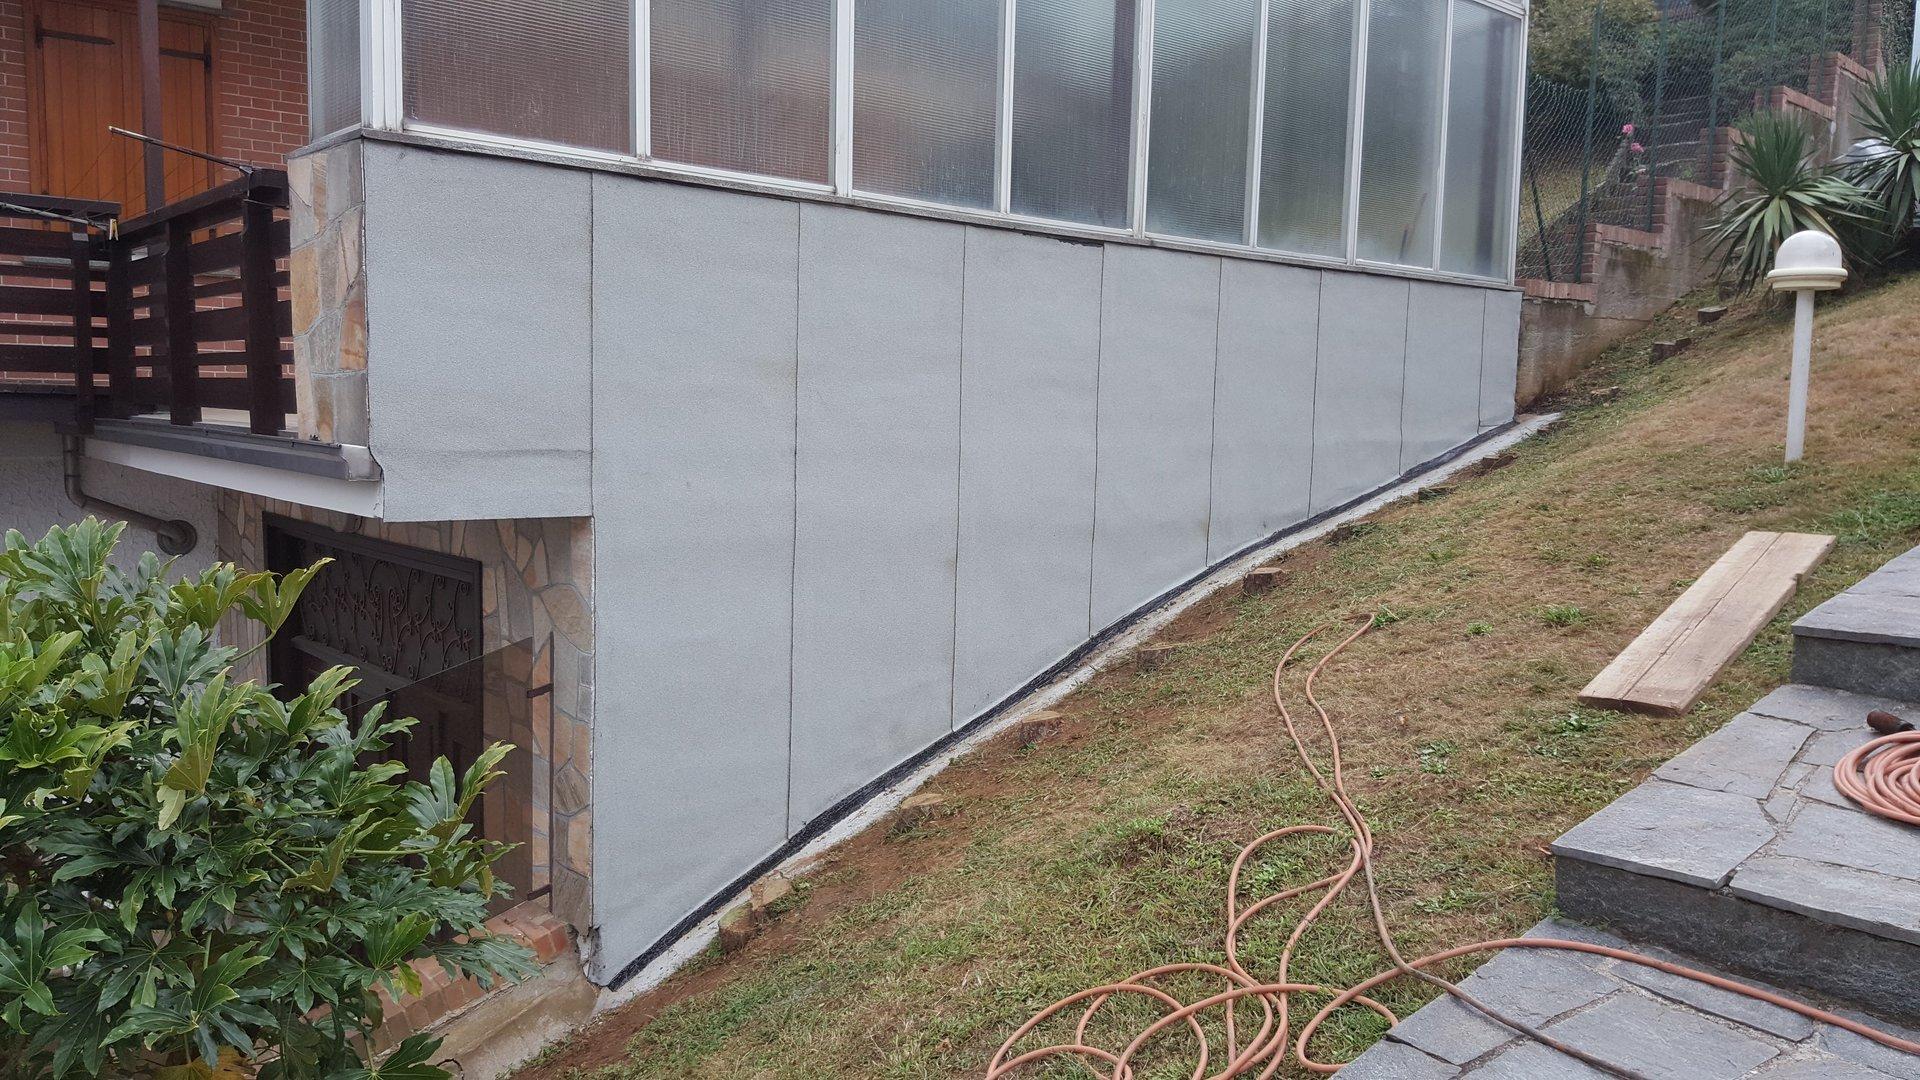 parete di un edificio impermeabilizzata